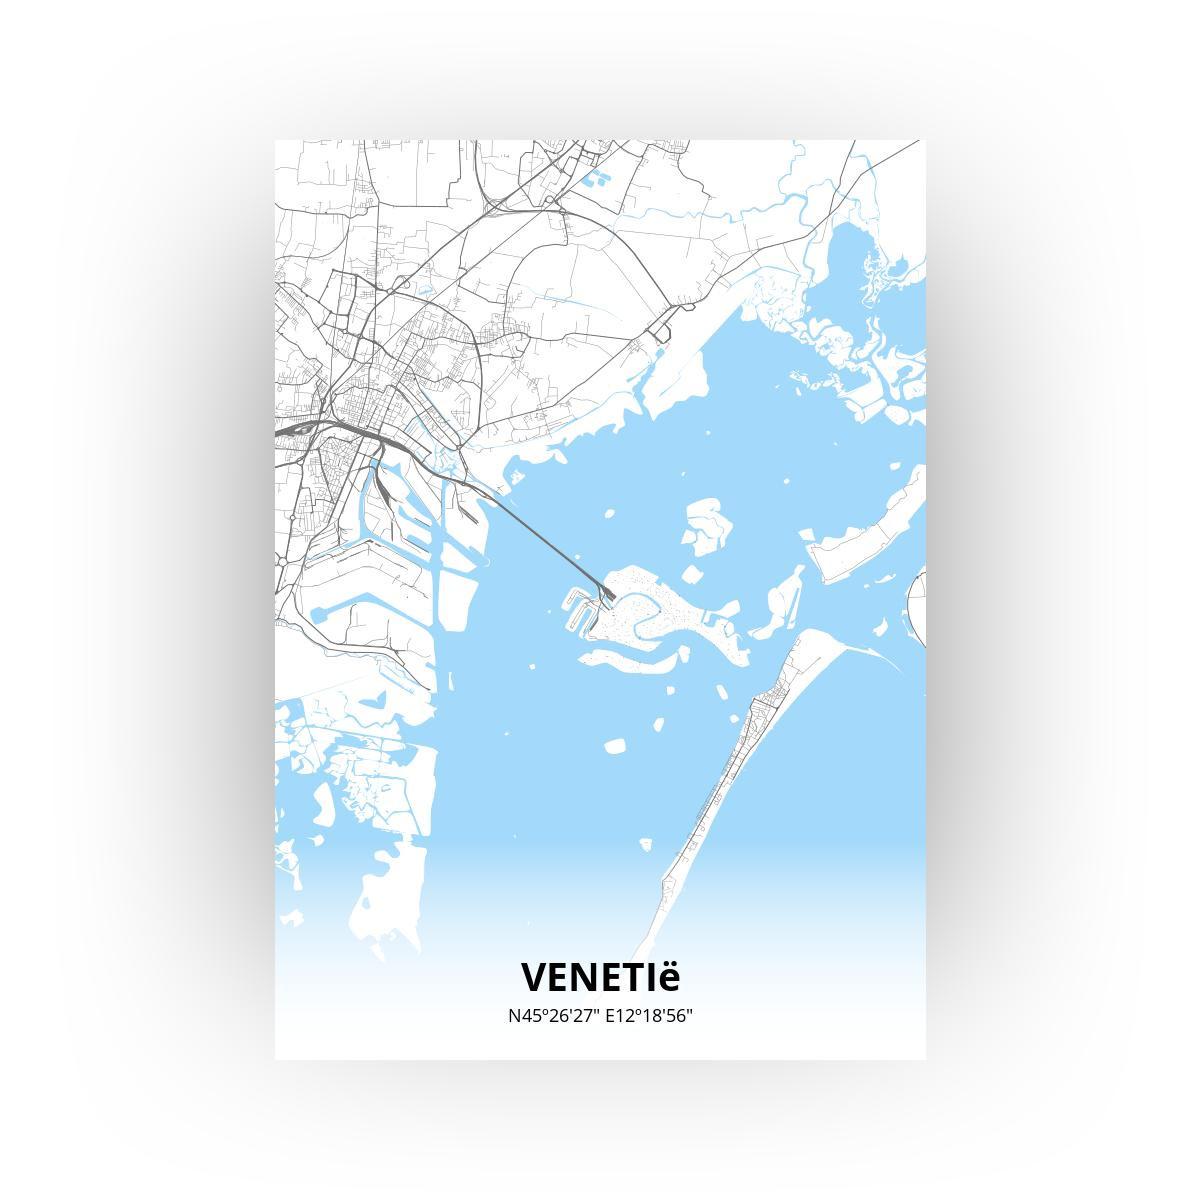 Venetië poster - Zelf aan te passen!